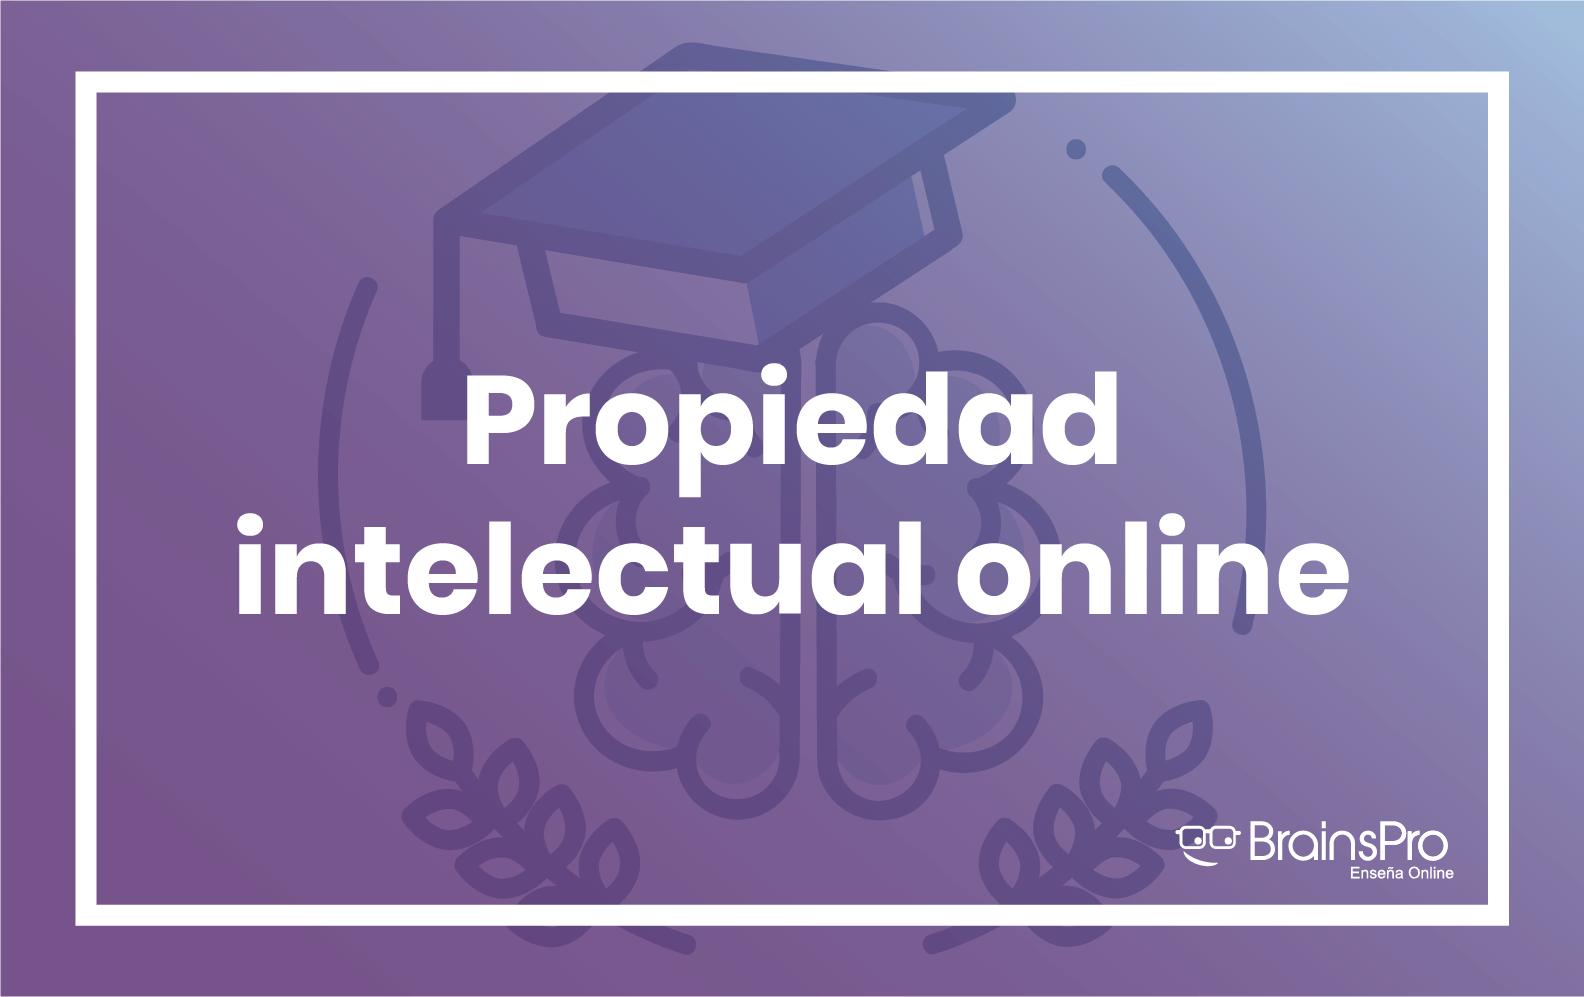 Propiedad intelectual online